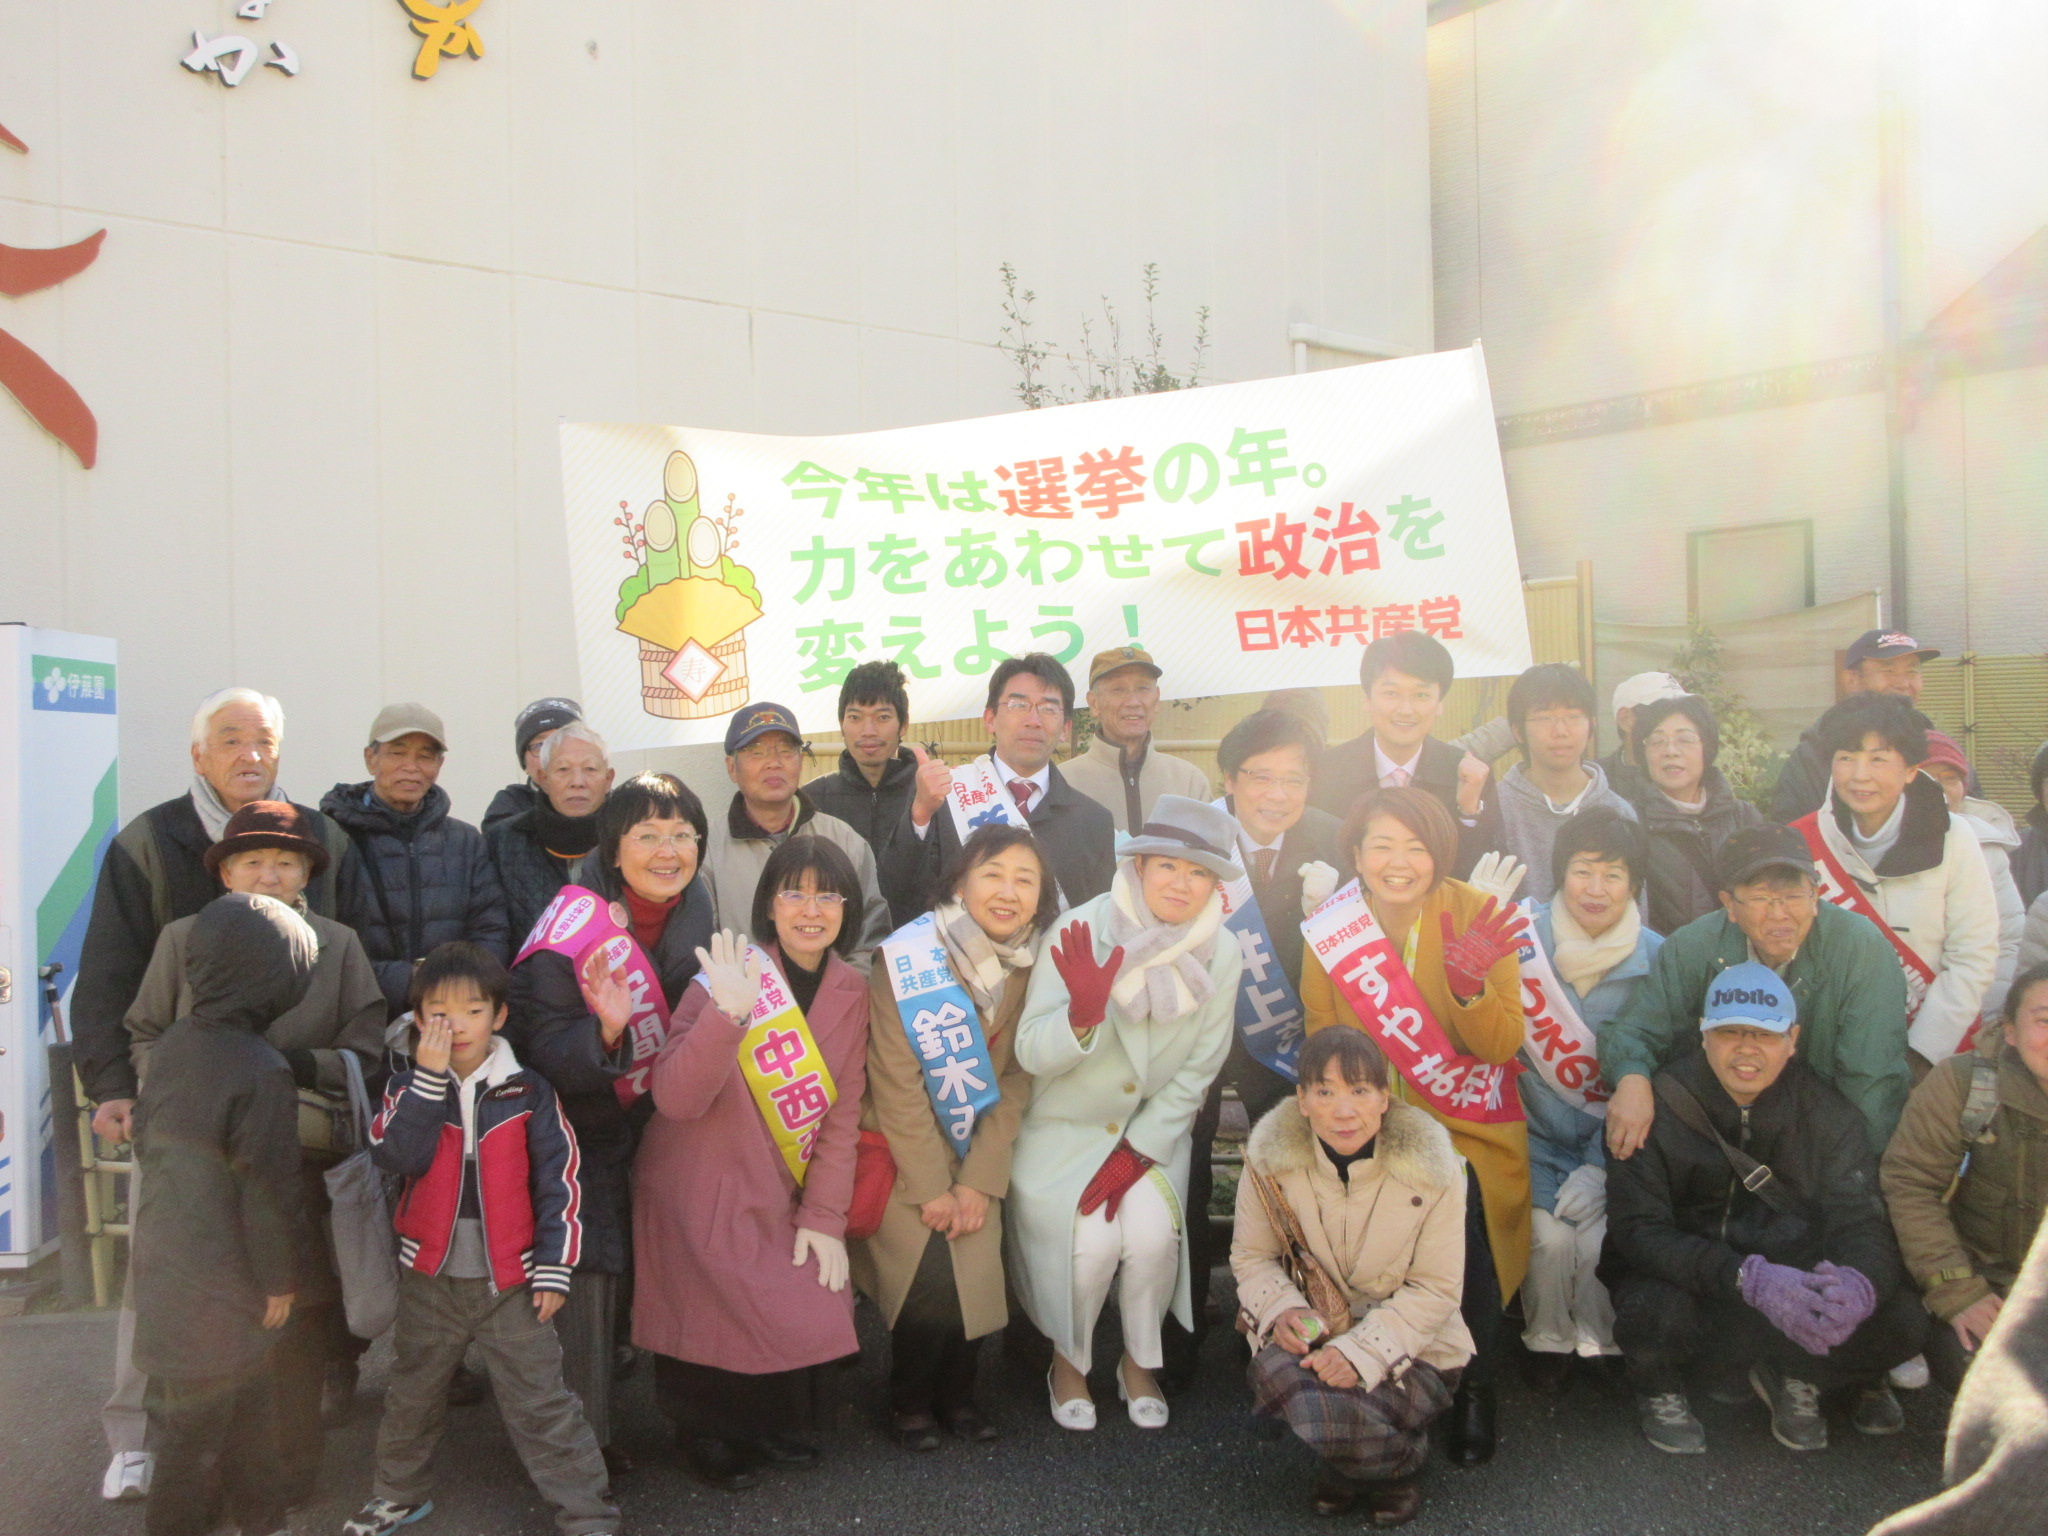 http://www.inoue-satoshi.com/diary/IMG_7699.JPG